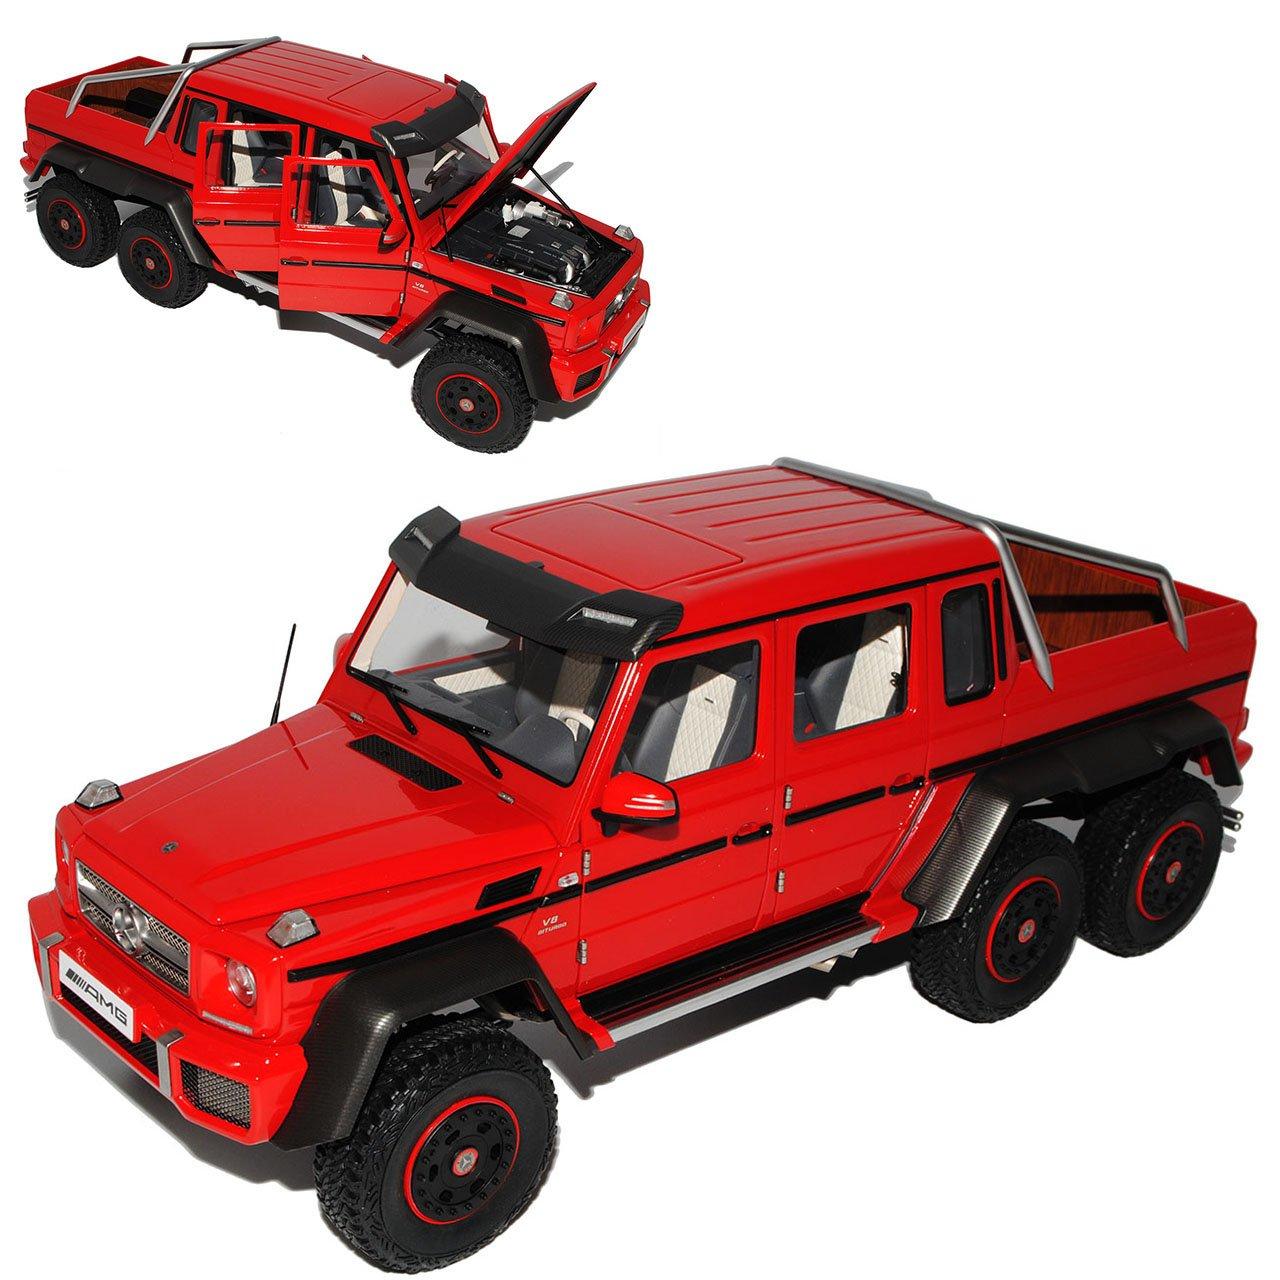 Alles-meine.de GmbH Mercedes-Benz G-Klasse G63 AMG 6x6 Rot 76304 1/18 AutoArt Modell Auto mit individiuellem Wunschkennzeichen